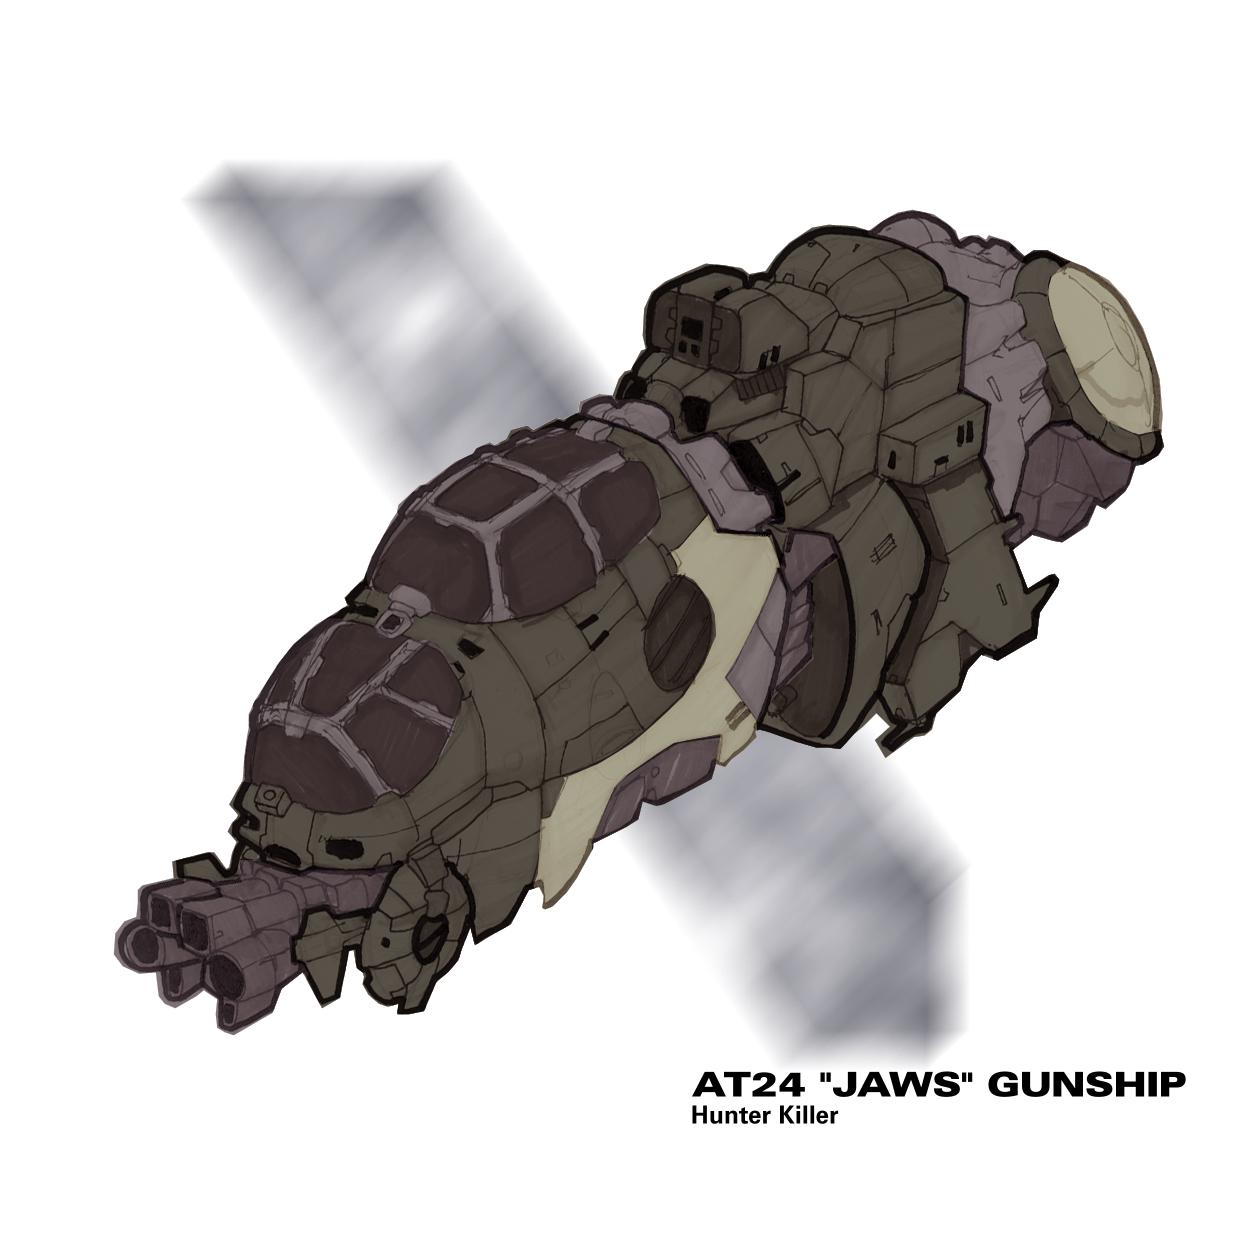 Gun ship AT24